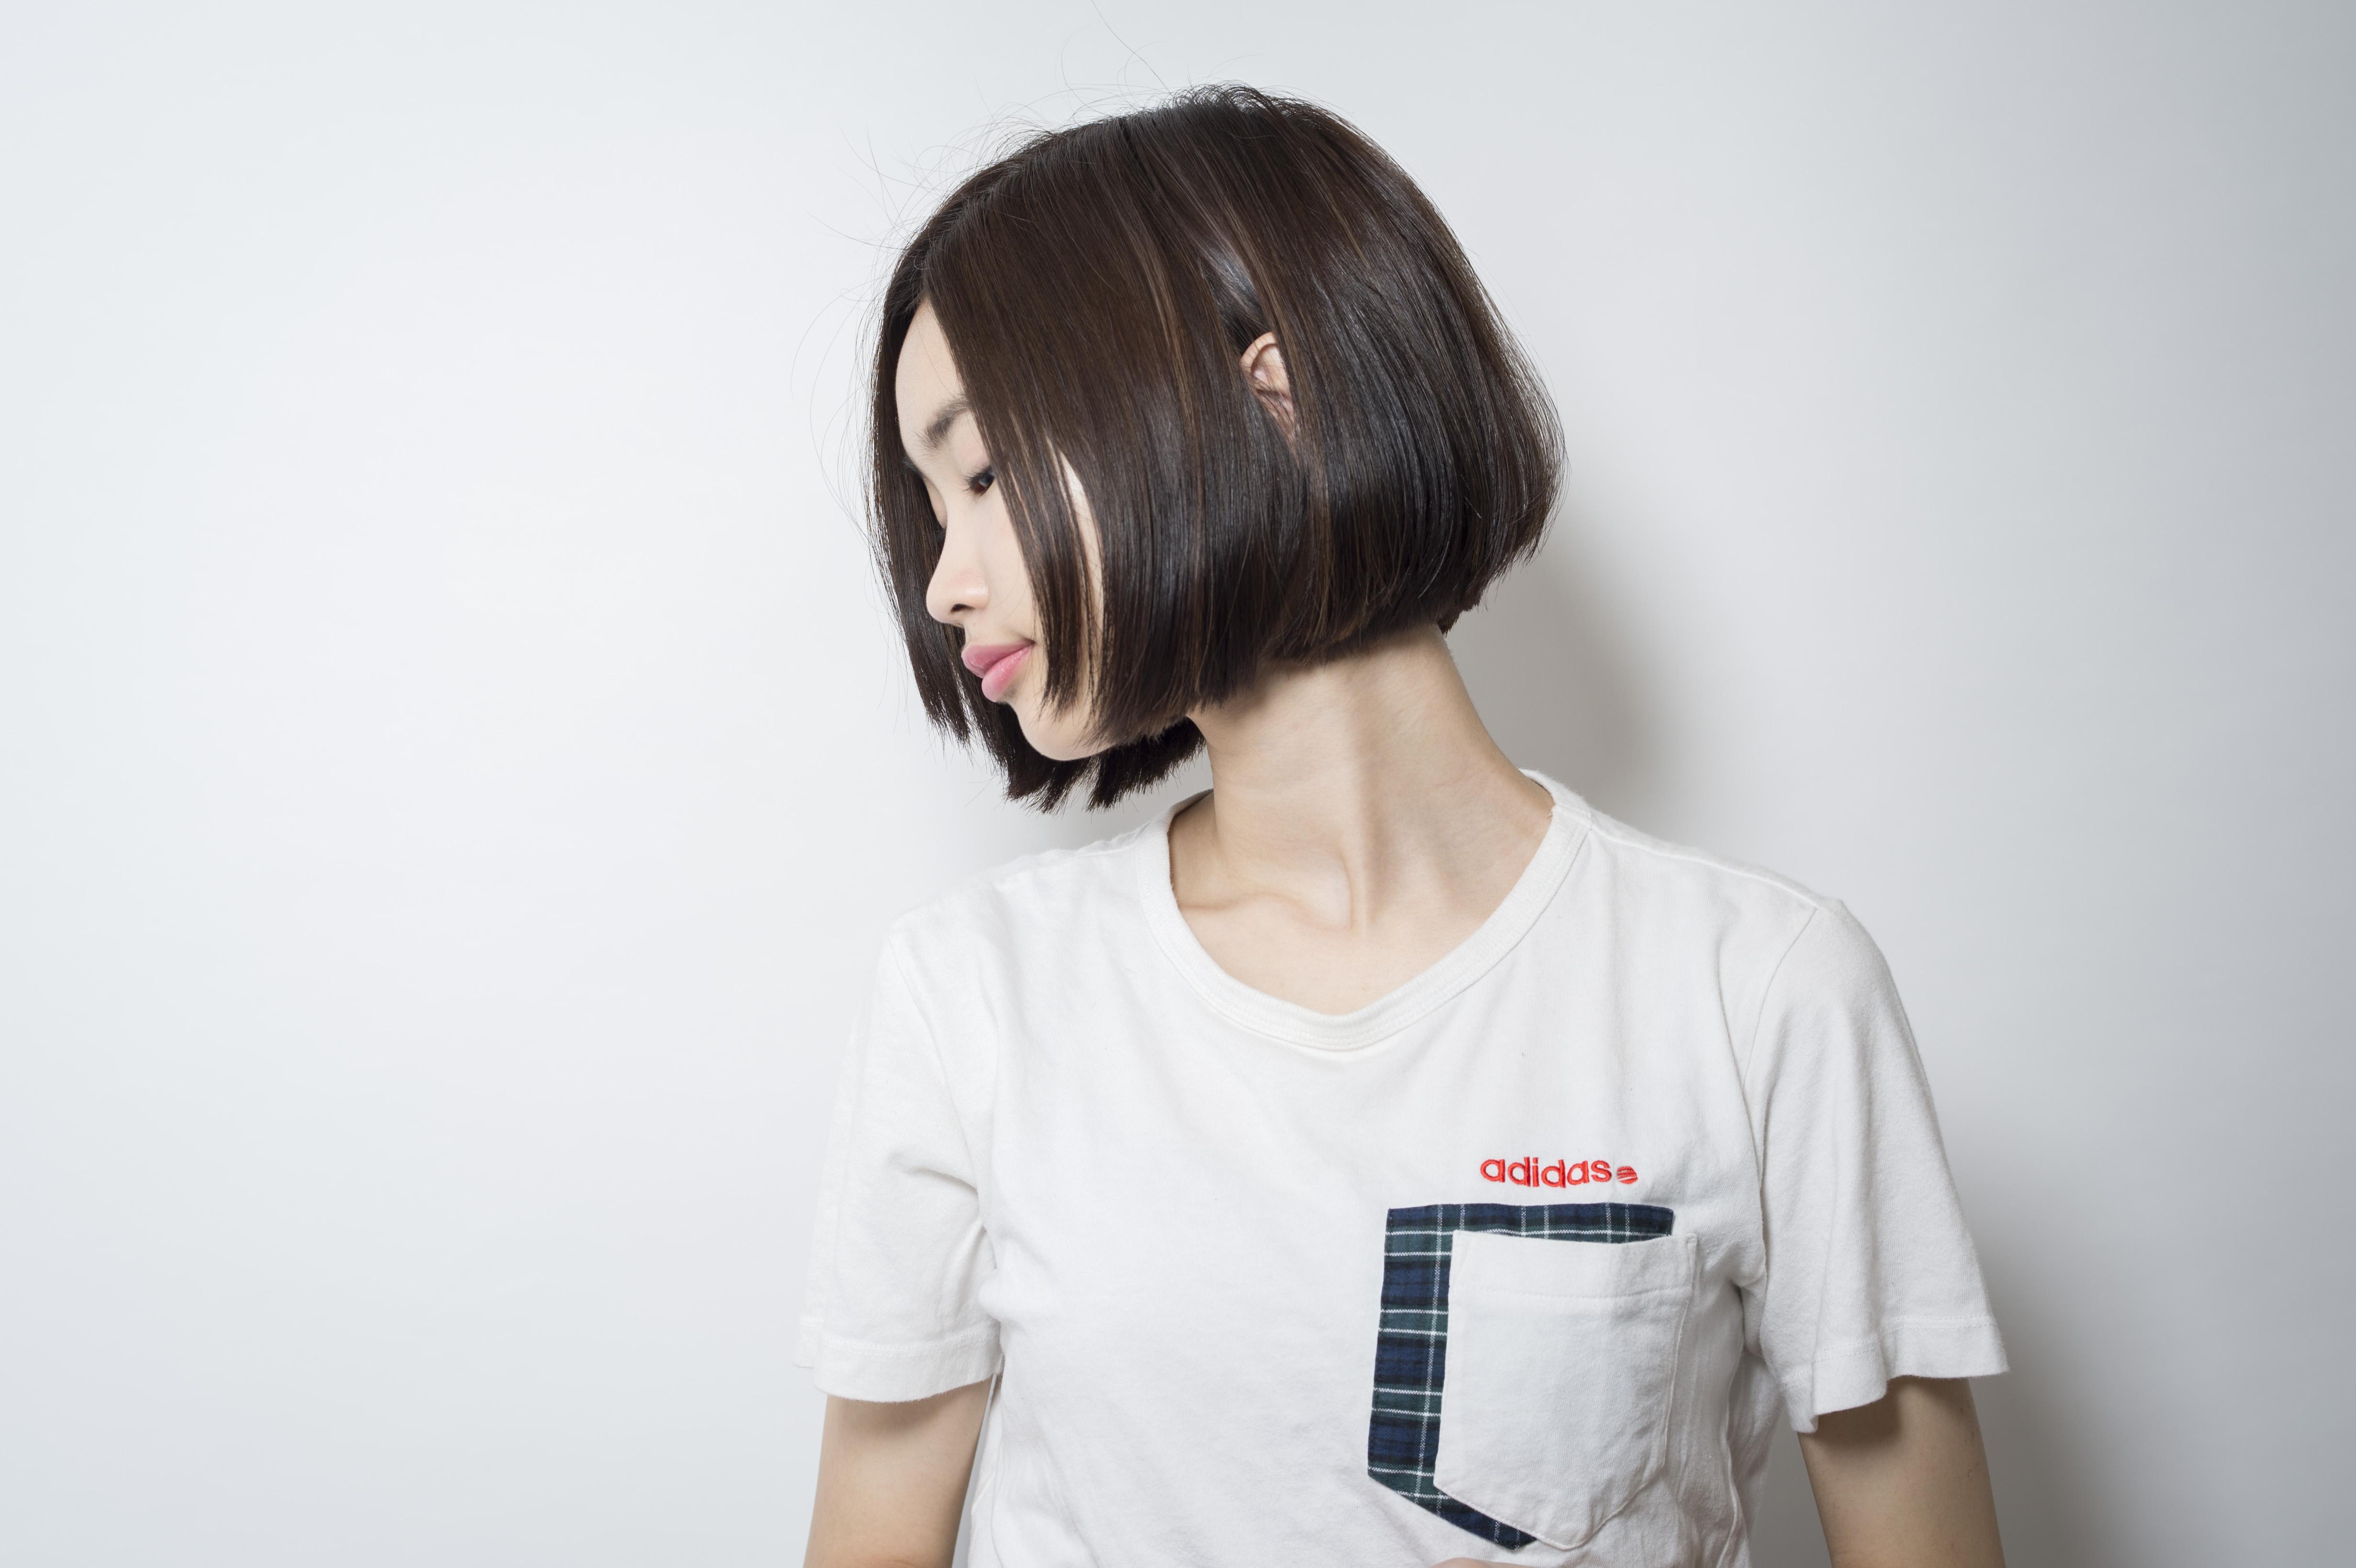 口コミで人気の自由が丘の美容室(ヘアアロン,美容院)keep hair designが提案する黒髪ワンレンボブヘアスタイル